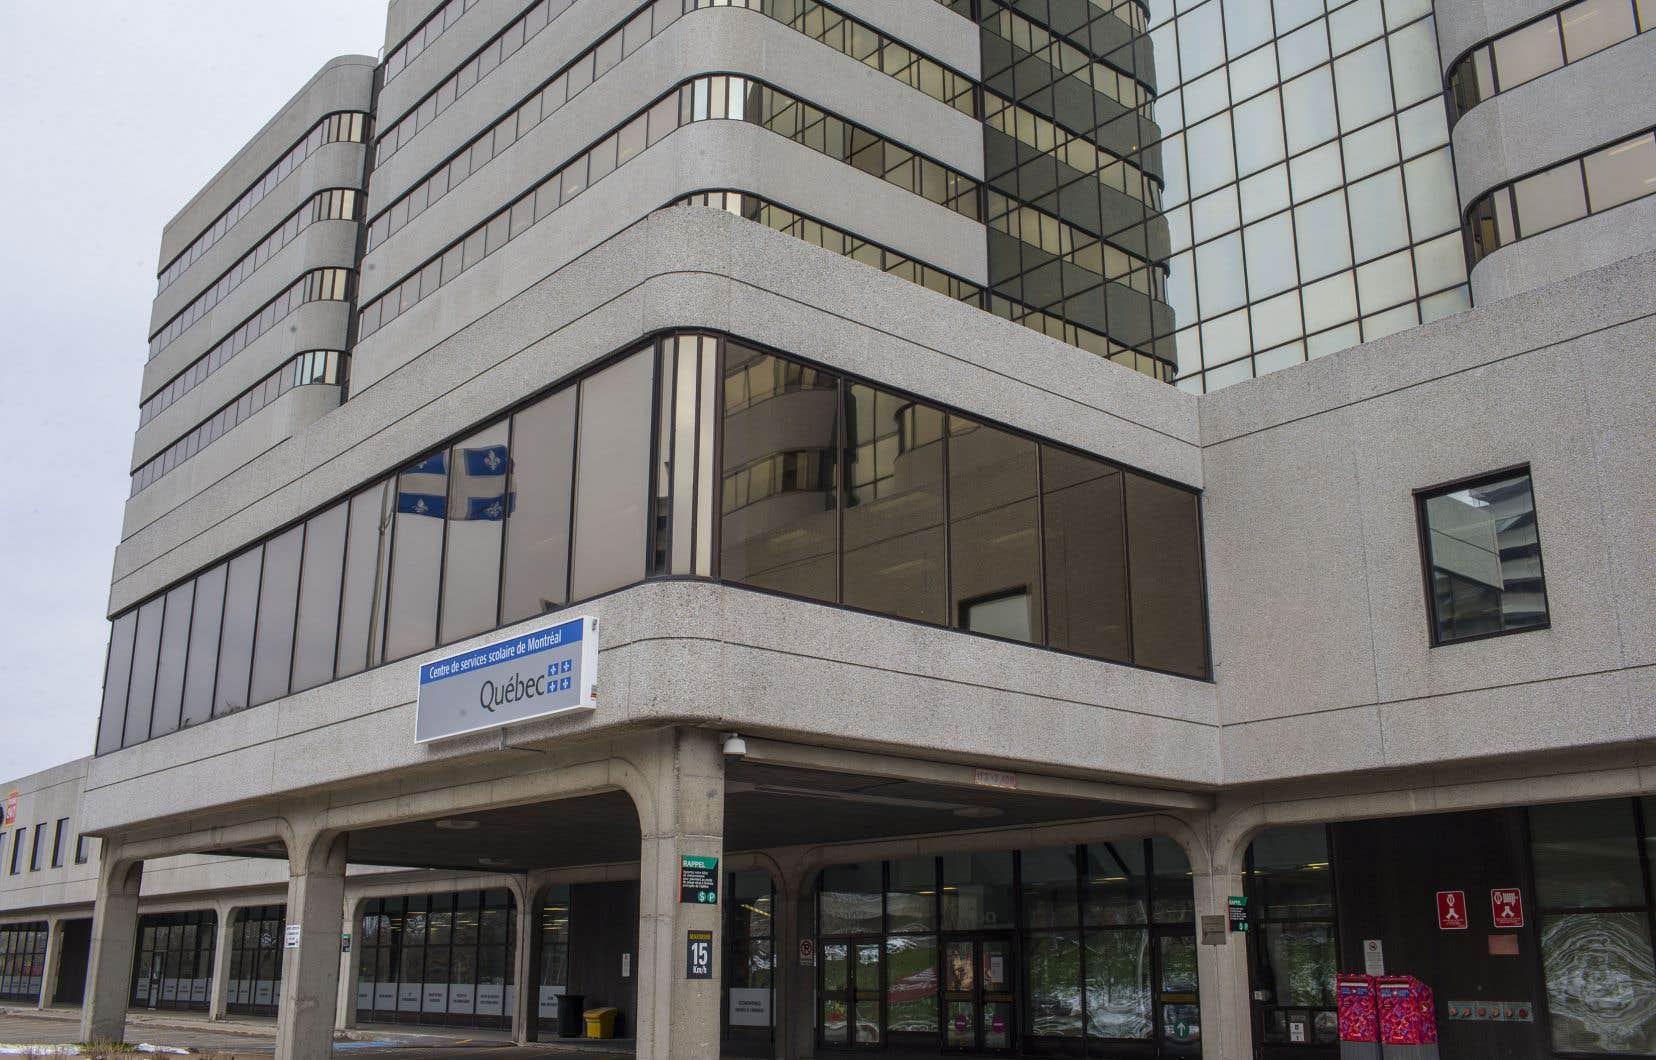 Récemment, 7 des 15 membres du CA ont démissionné à cause d'une crise au sein du Centre de services scolaire de Montréal (un huitièmeest parti pour d'autres raisons).